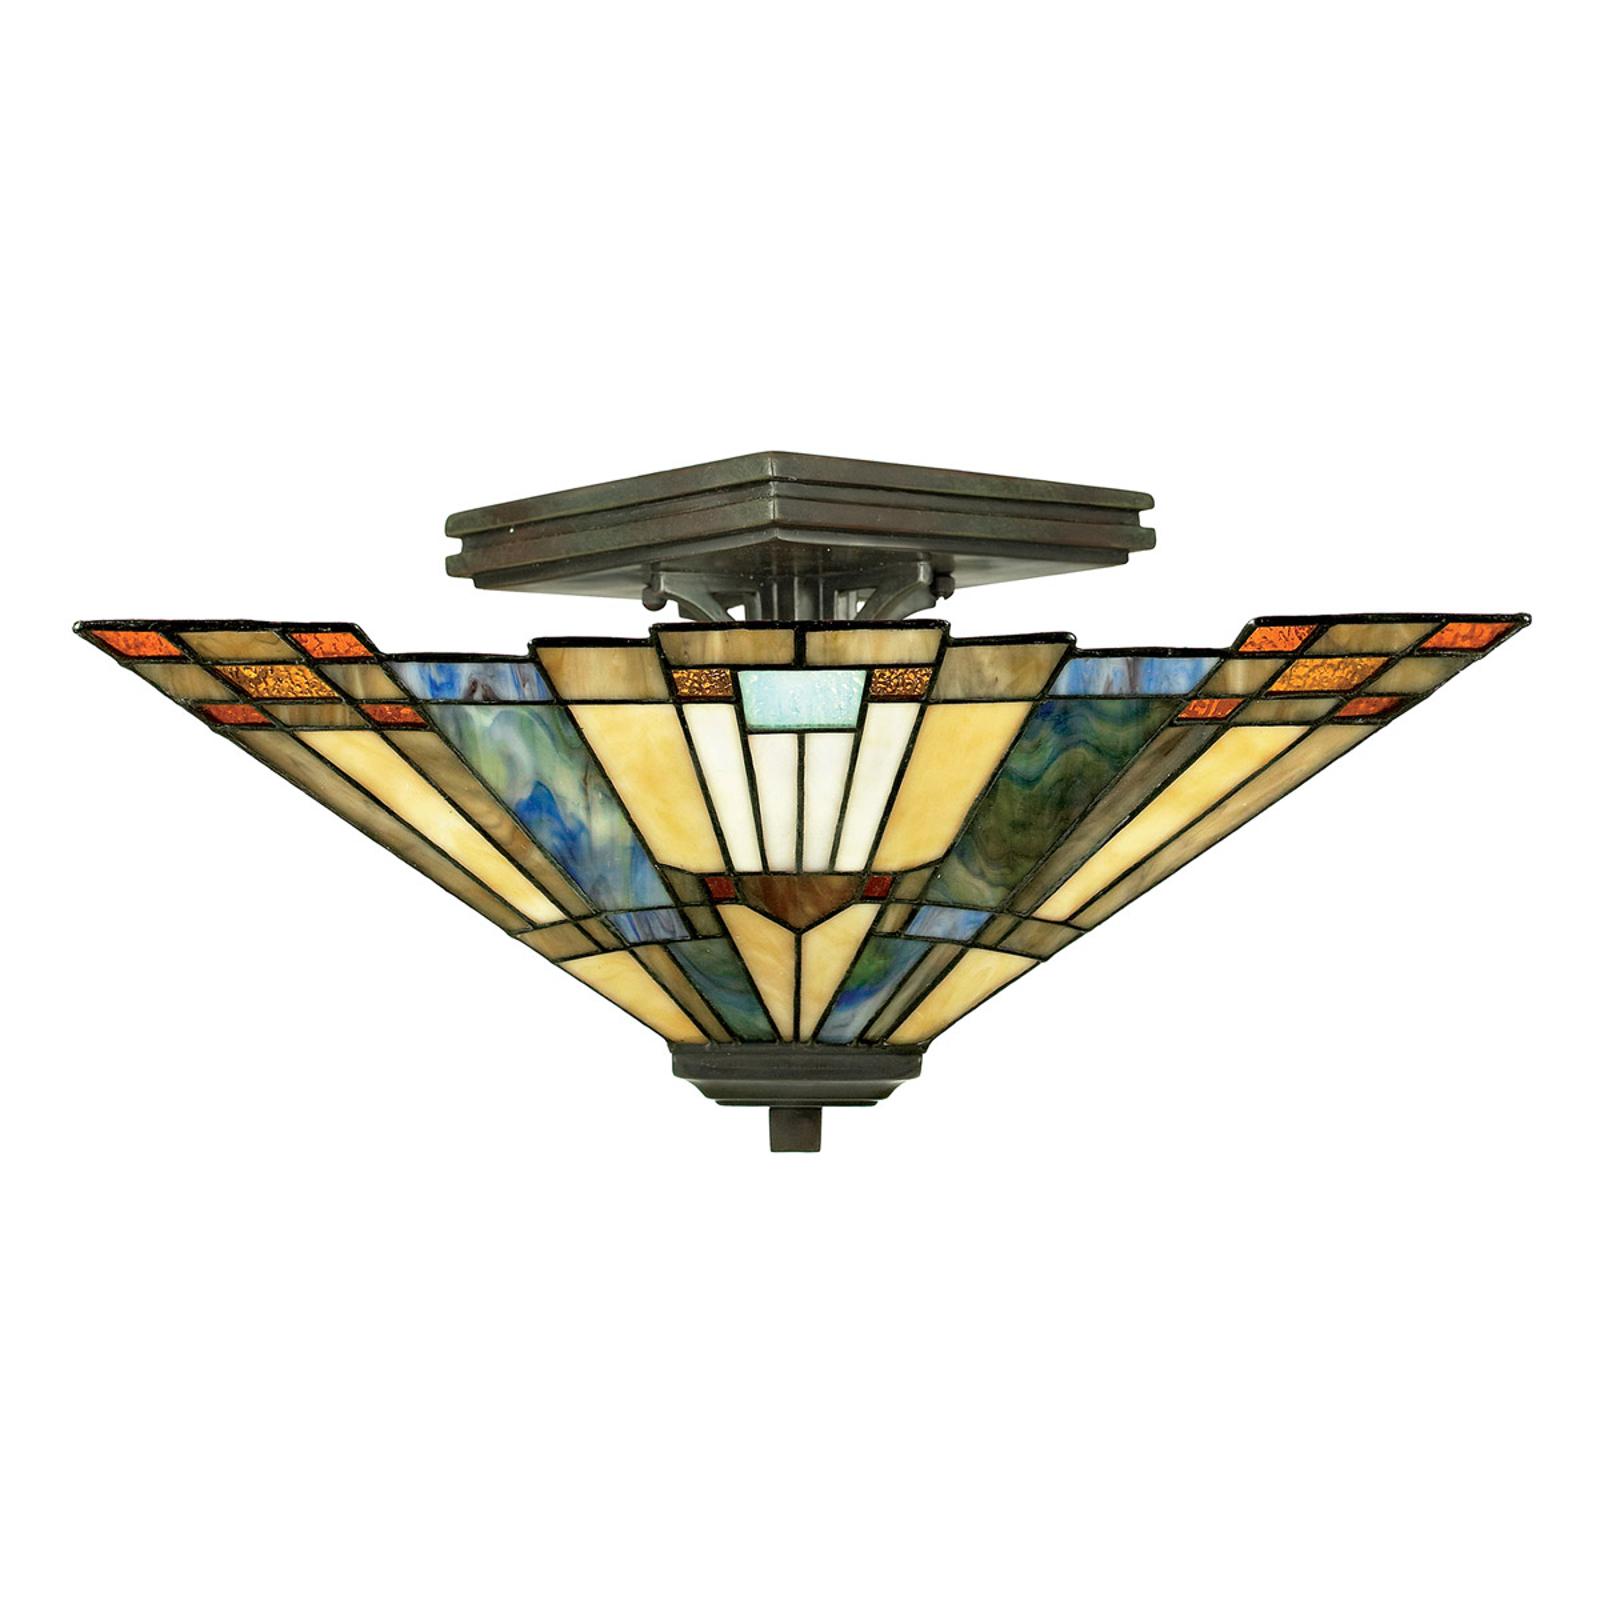 Stropní světlo Inglenook s barevným sklem